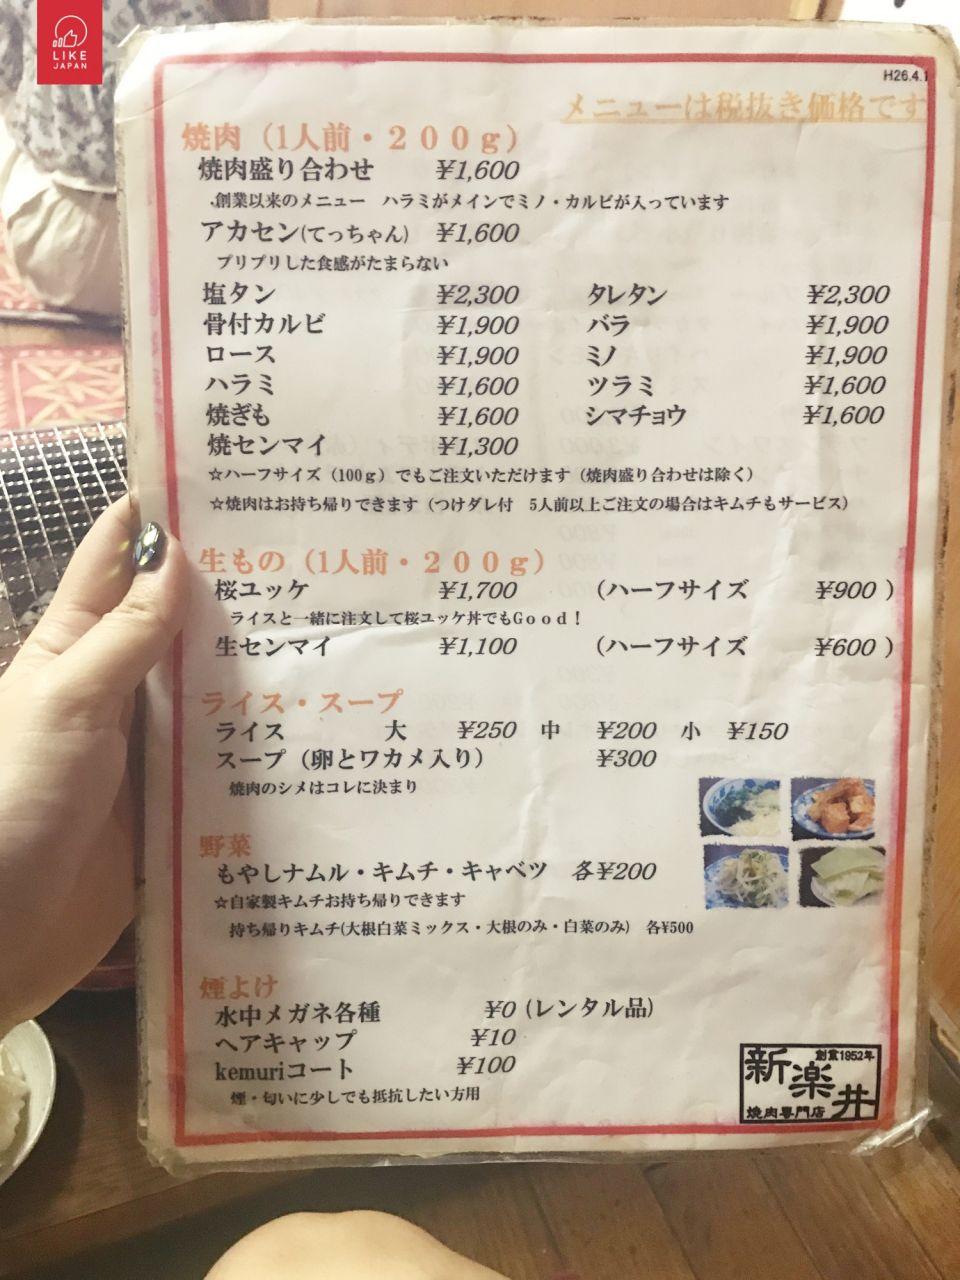 [自遊大阪] 鶴橋燒肉橫町 必食傳統燒肉店 新樂井 大阪自由行